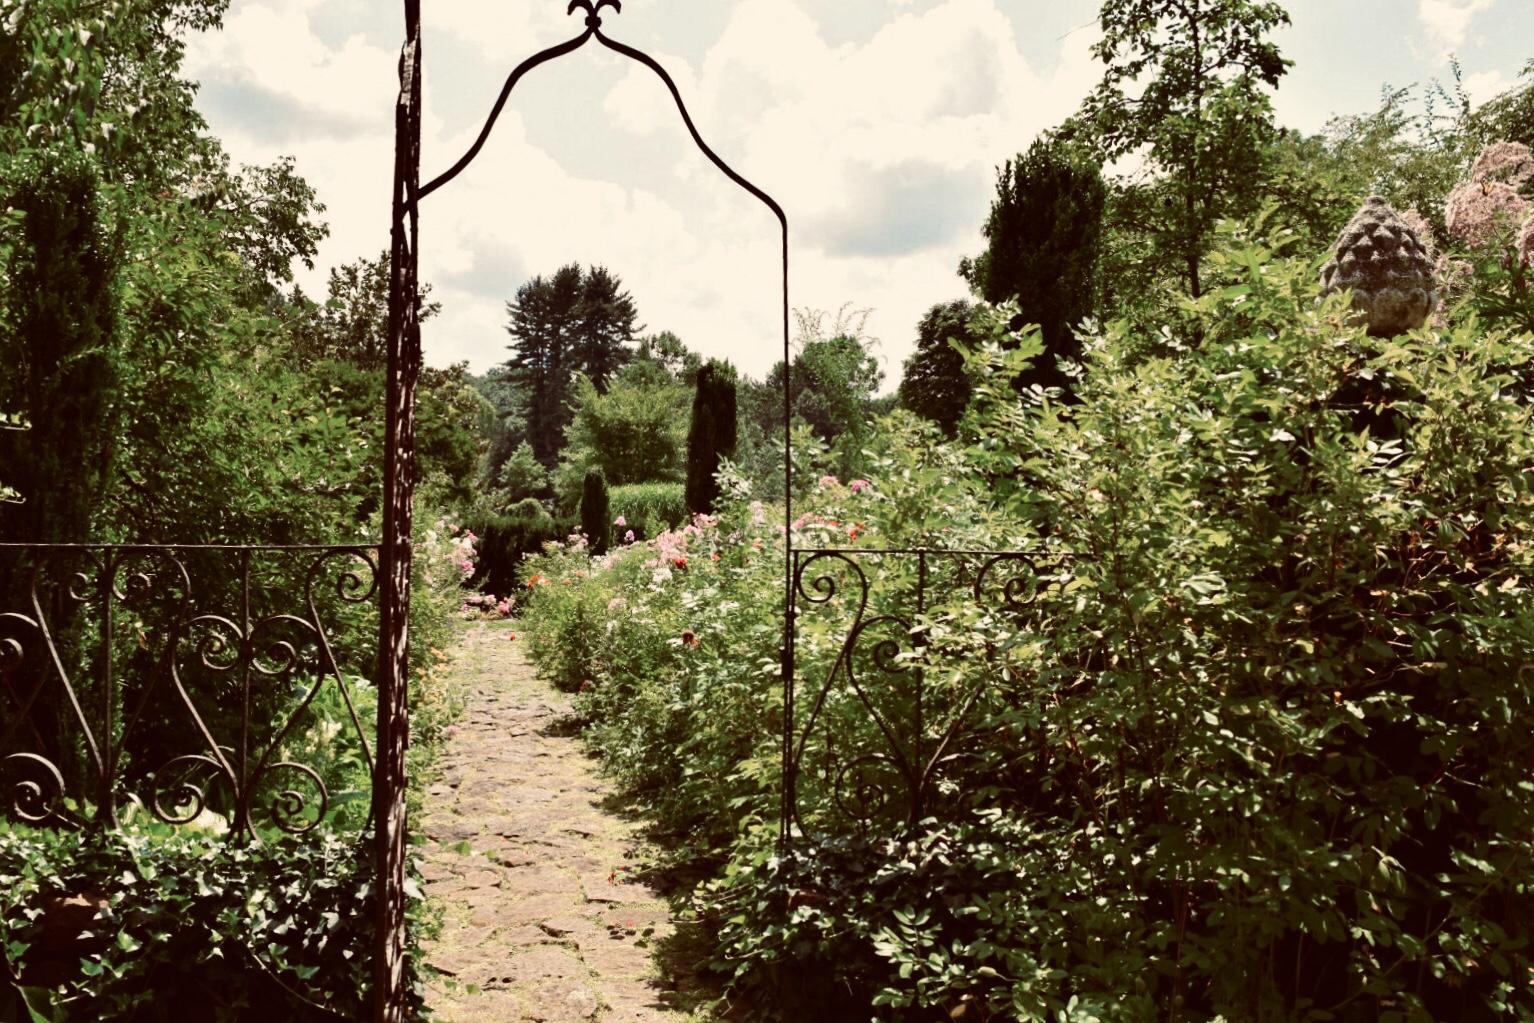 Enter the Secret Garden at the Bamboo Brook Outdoor Educational Center